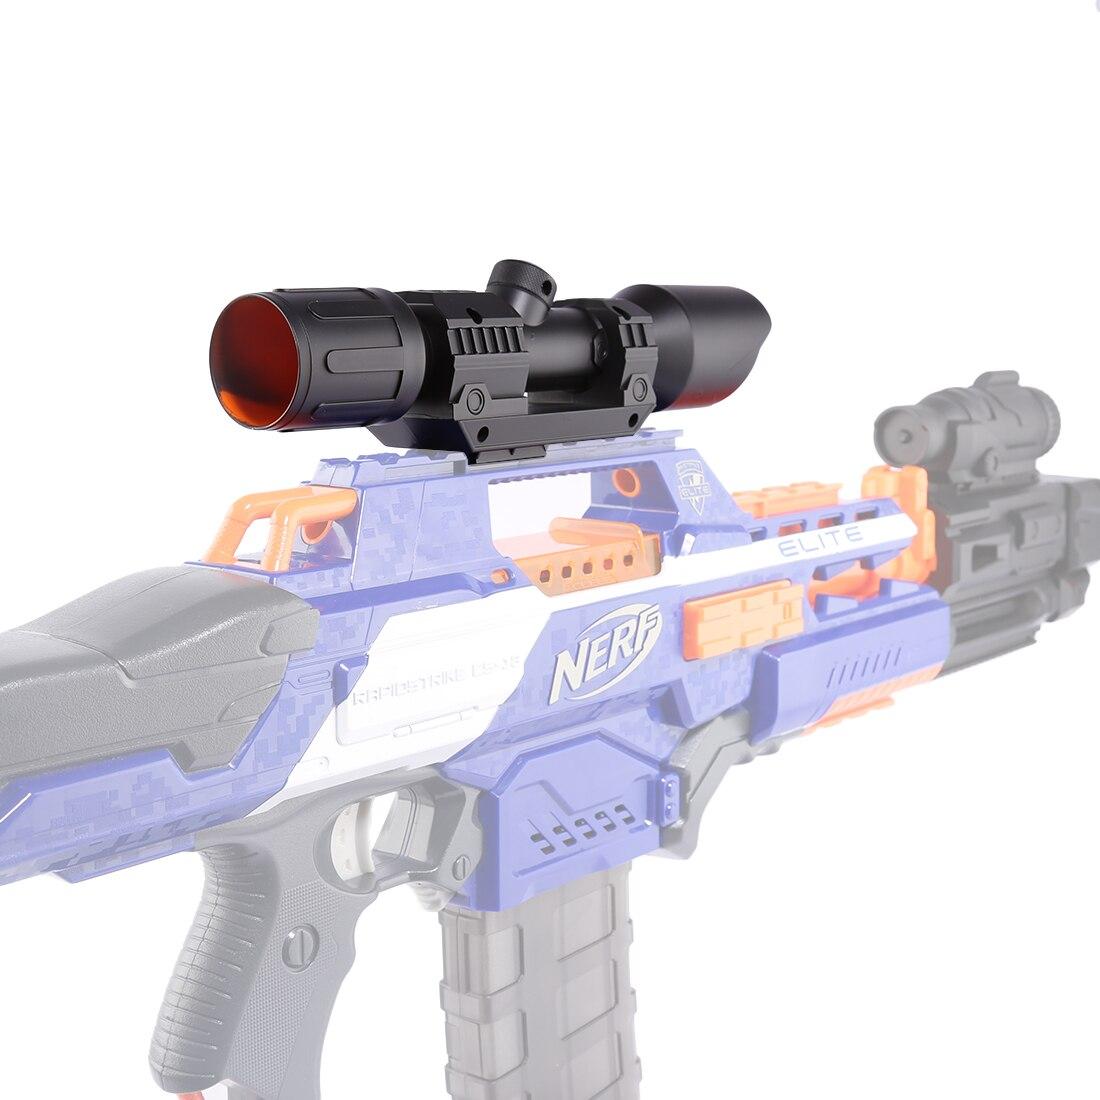 Modificado parte delantera de avistamiento de dispositivo para Nerf Elite Series-Negro